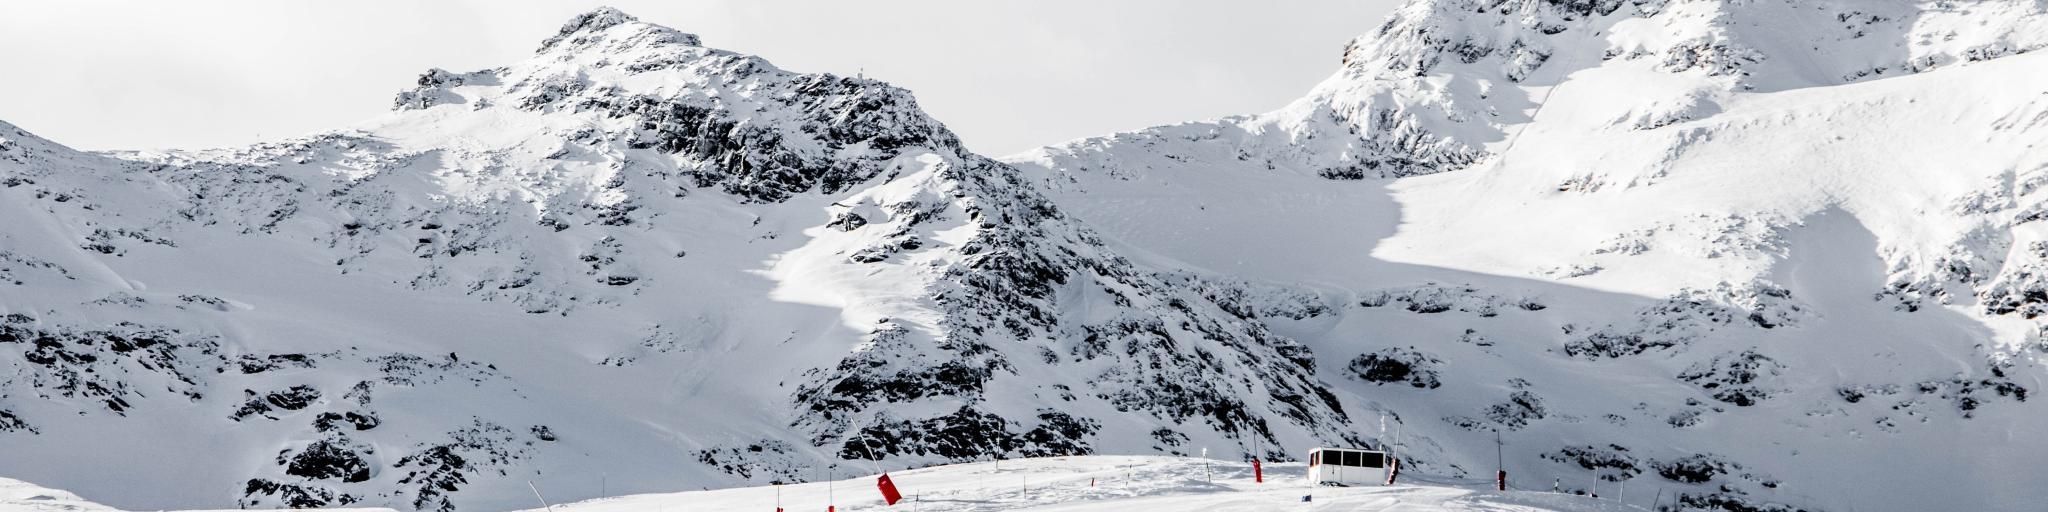 The snow-covered ski slopes of Val Thorens, France